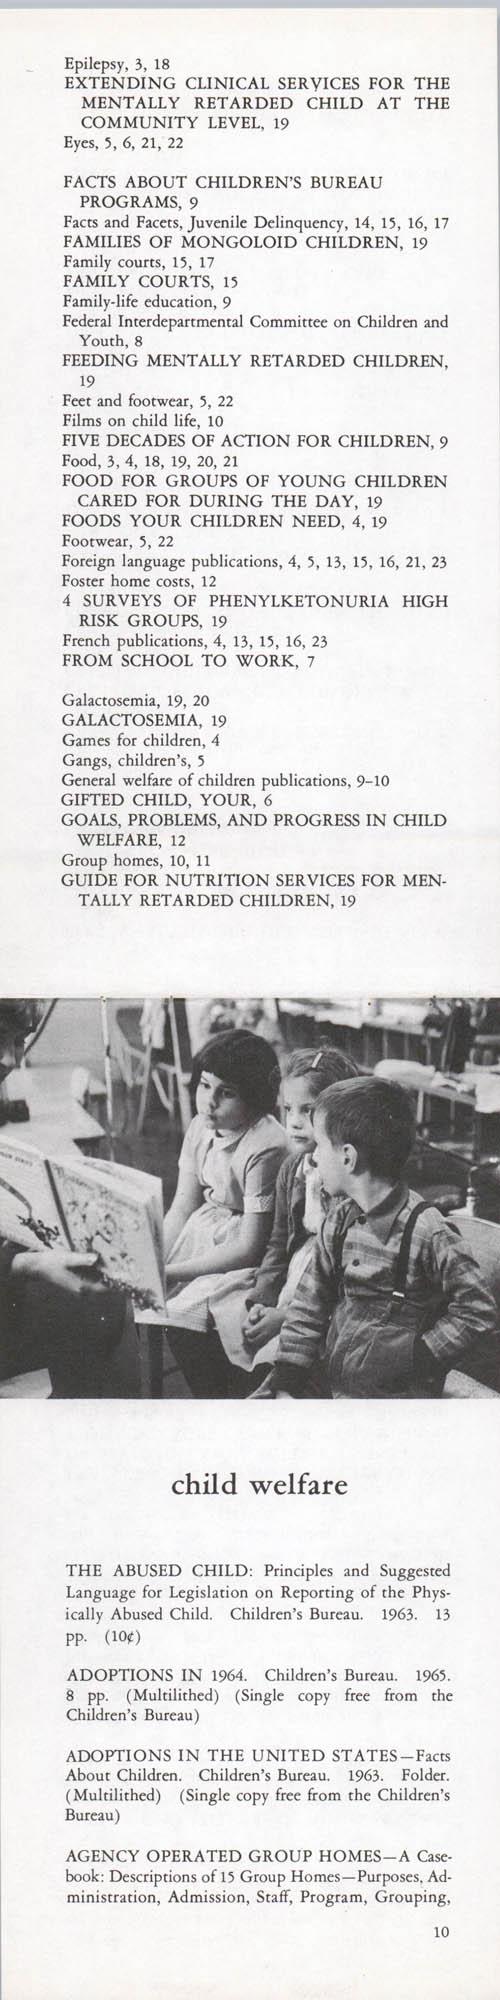 Publications of the Children's Bureau, Page 10